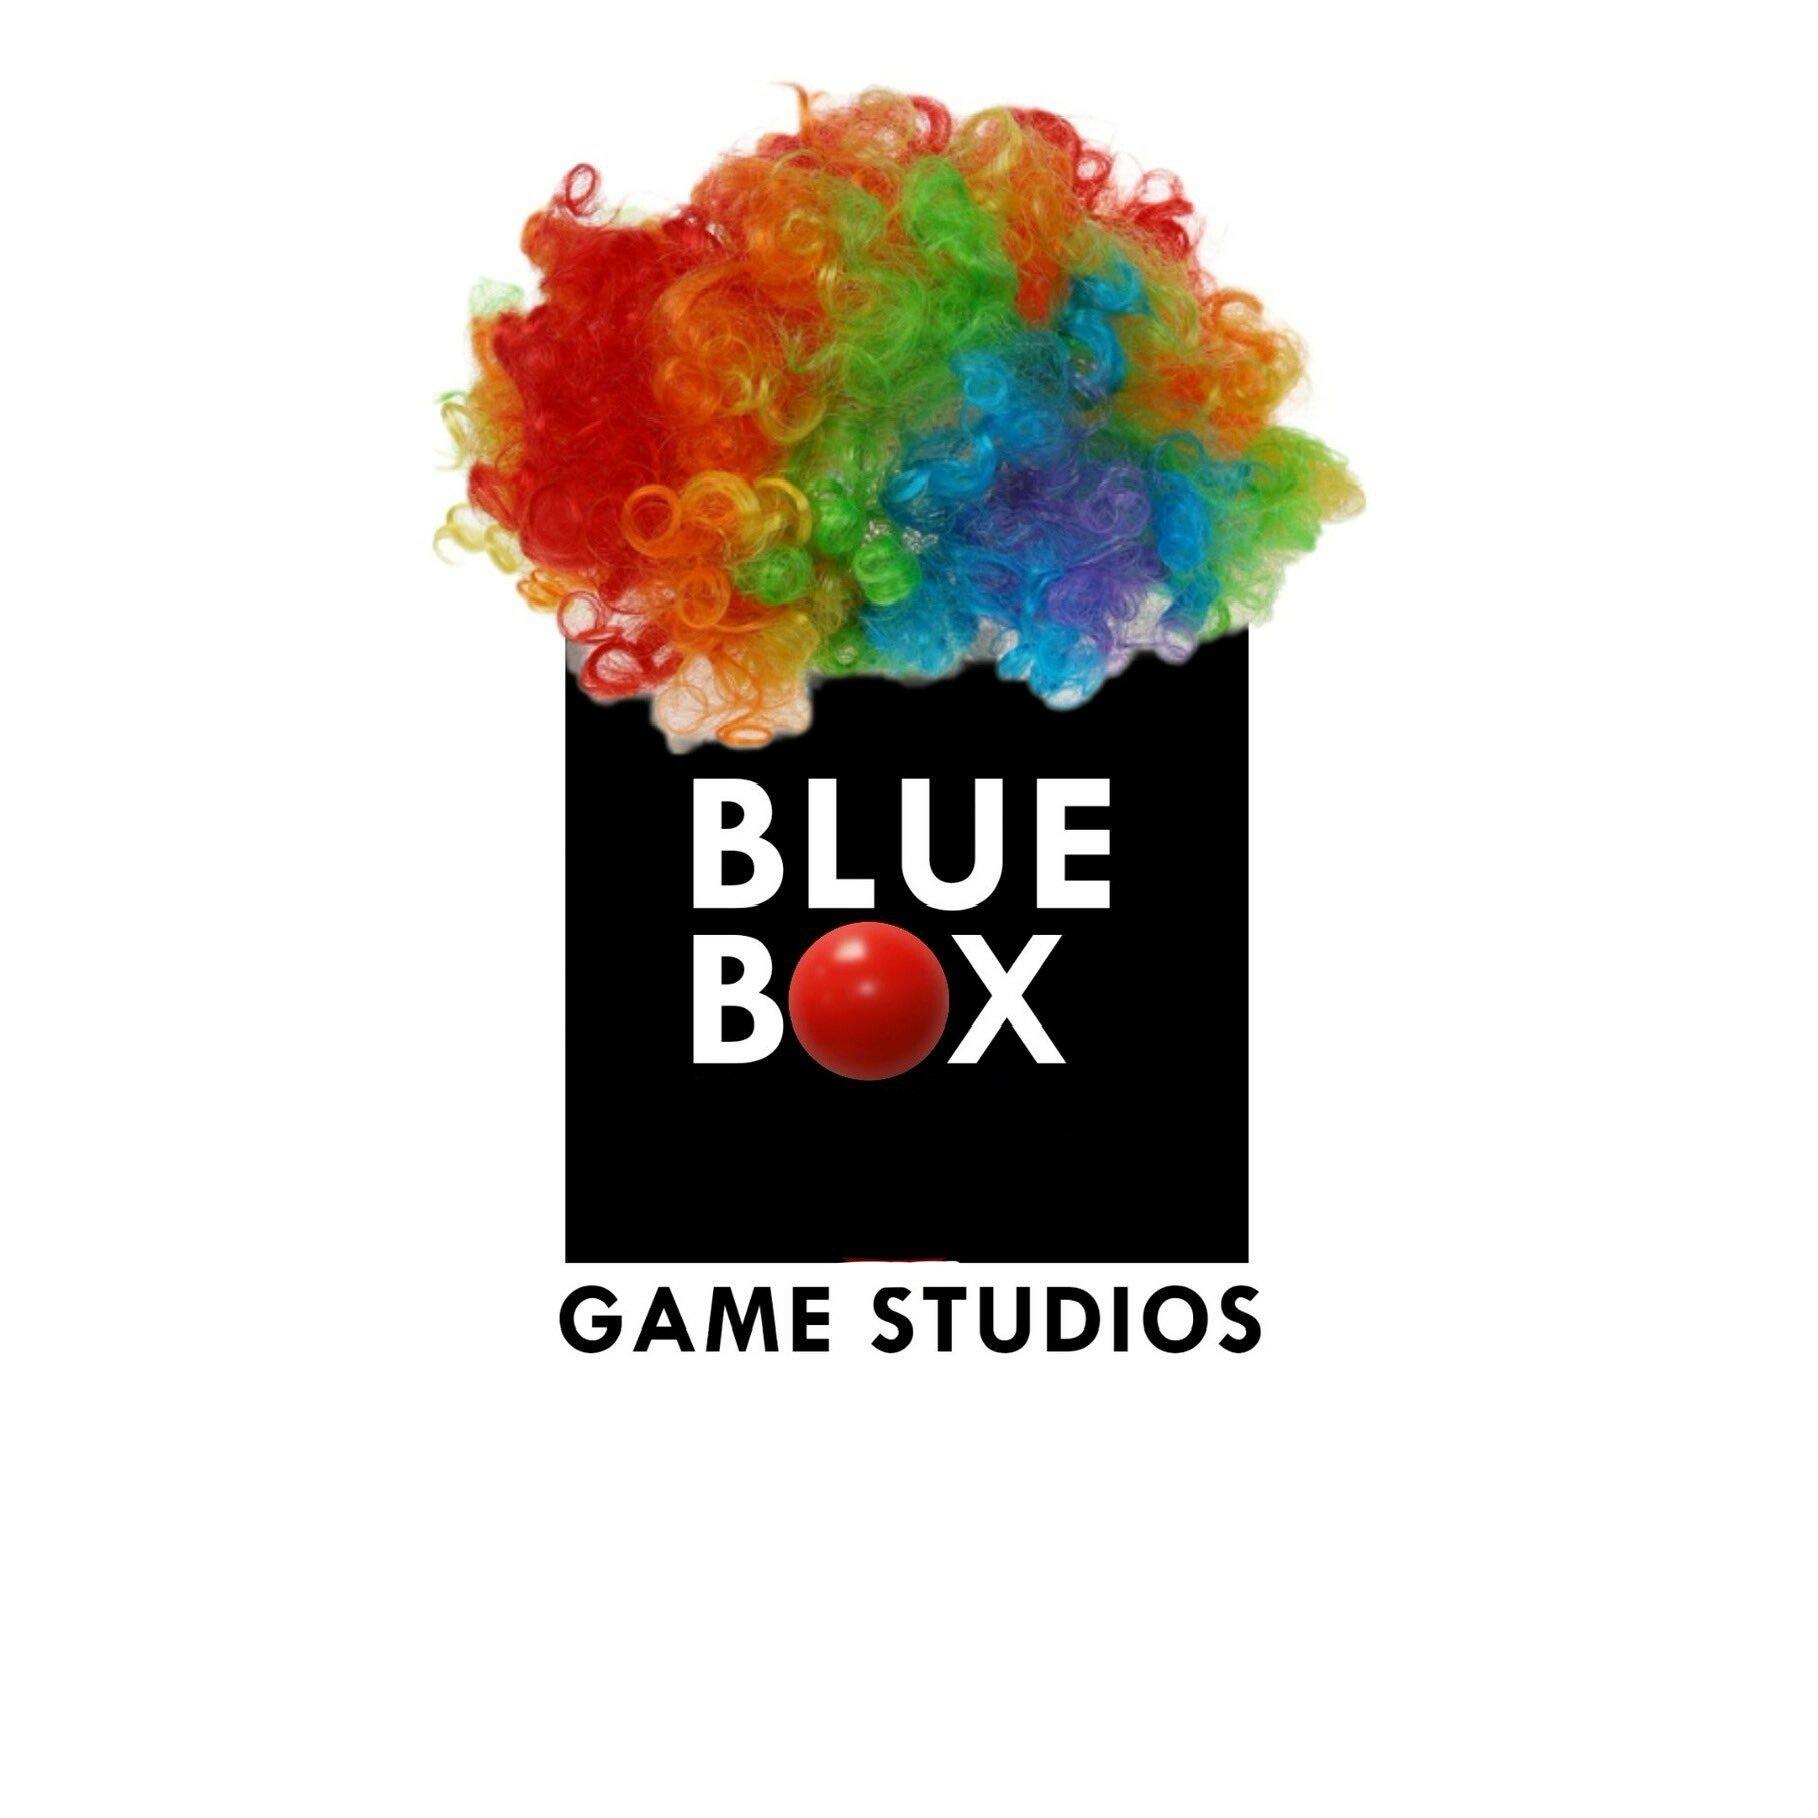 Некоторые вот так переделали логотип Blue Box / скриншот